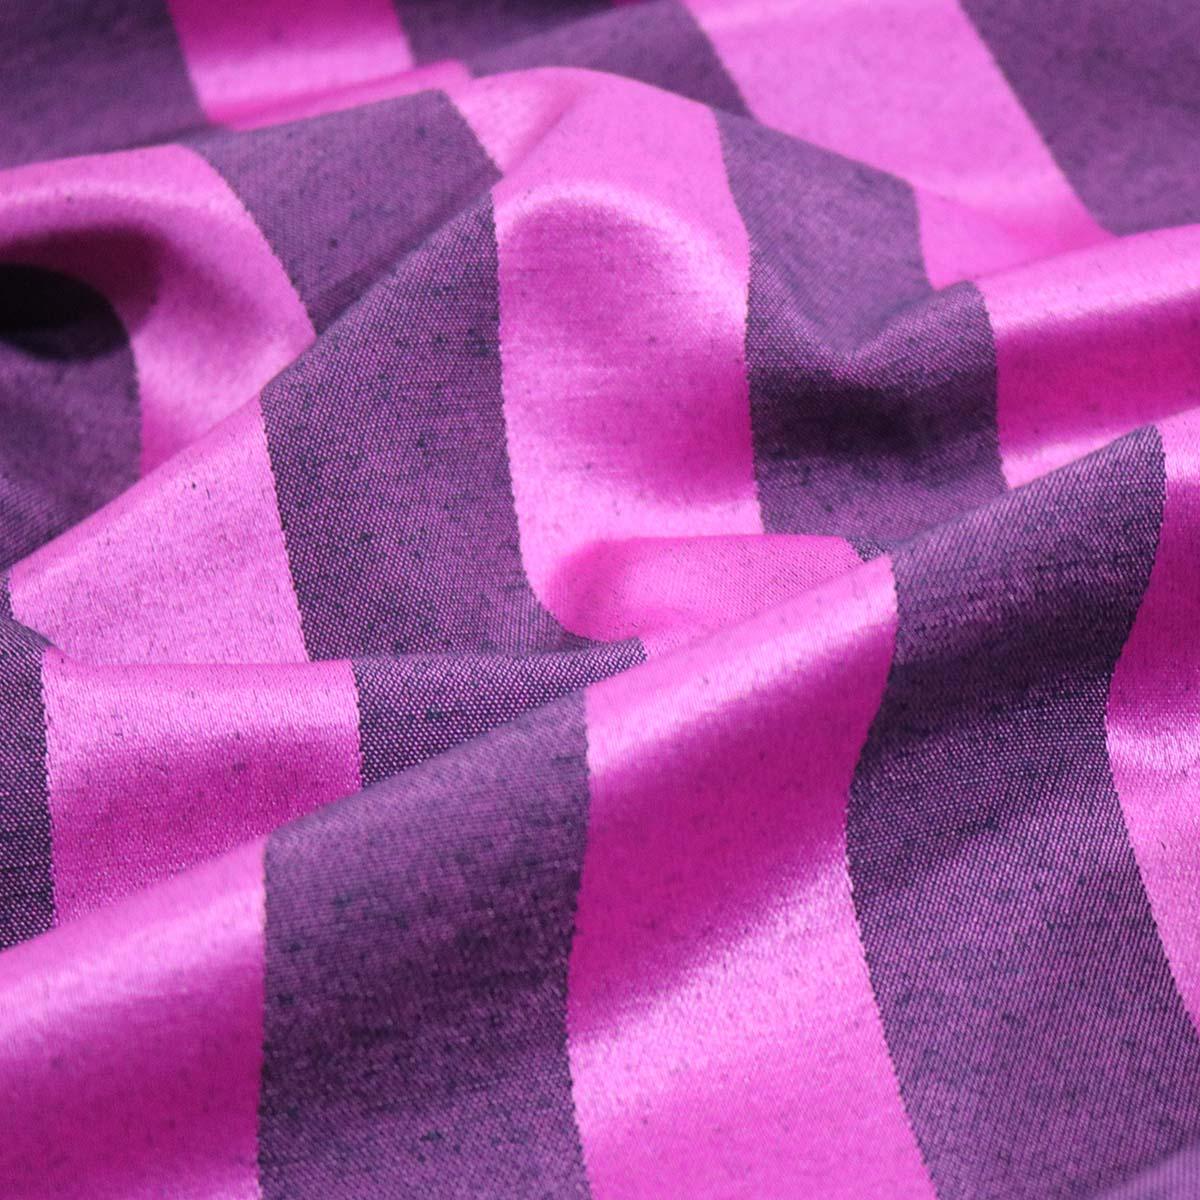 ea7ae09225 Tecido Jacquard Estampado Des.7740-Pink / Preto- Juma Tecidos ...